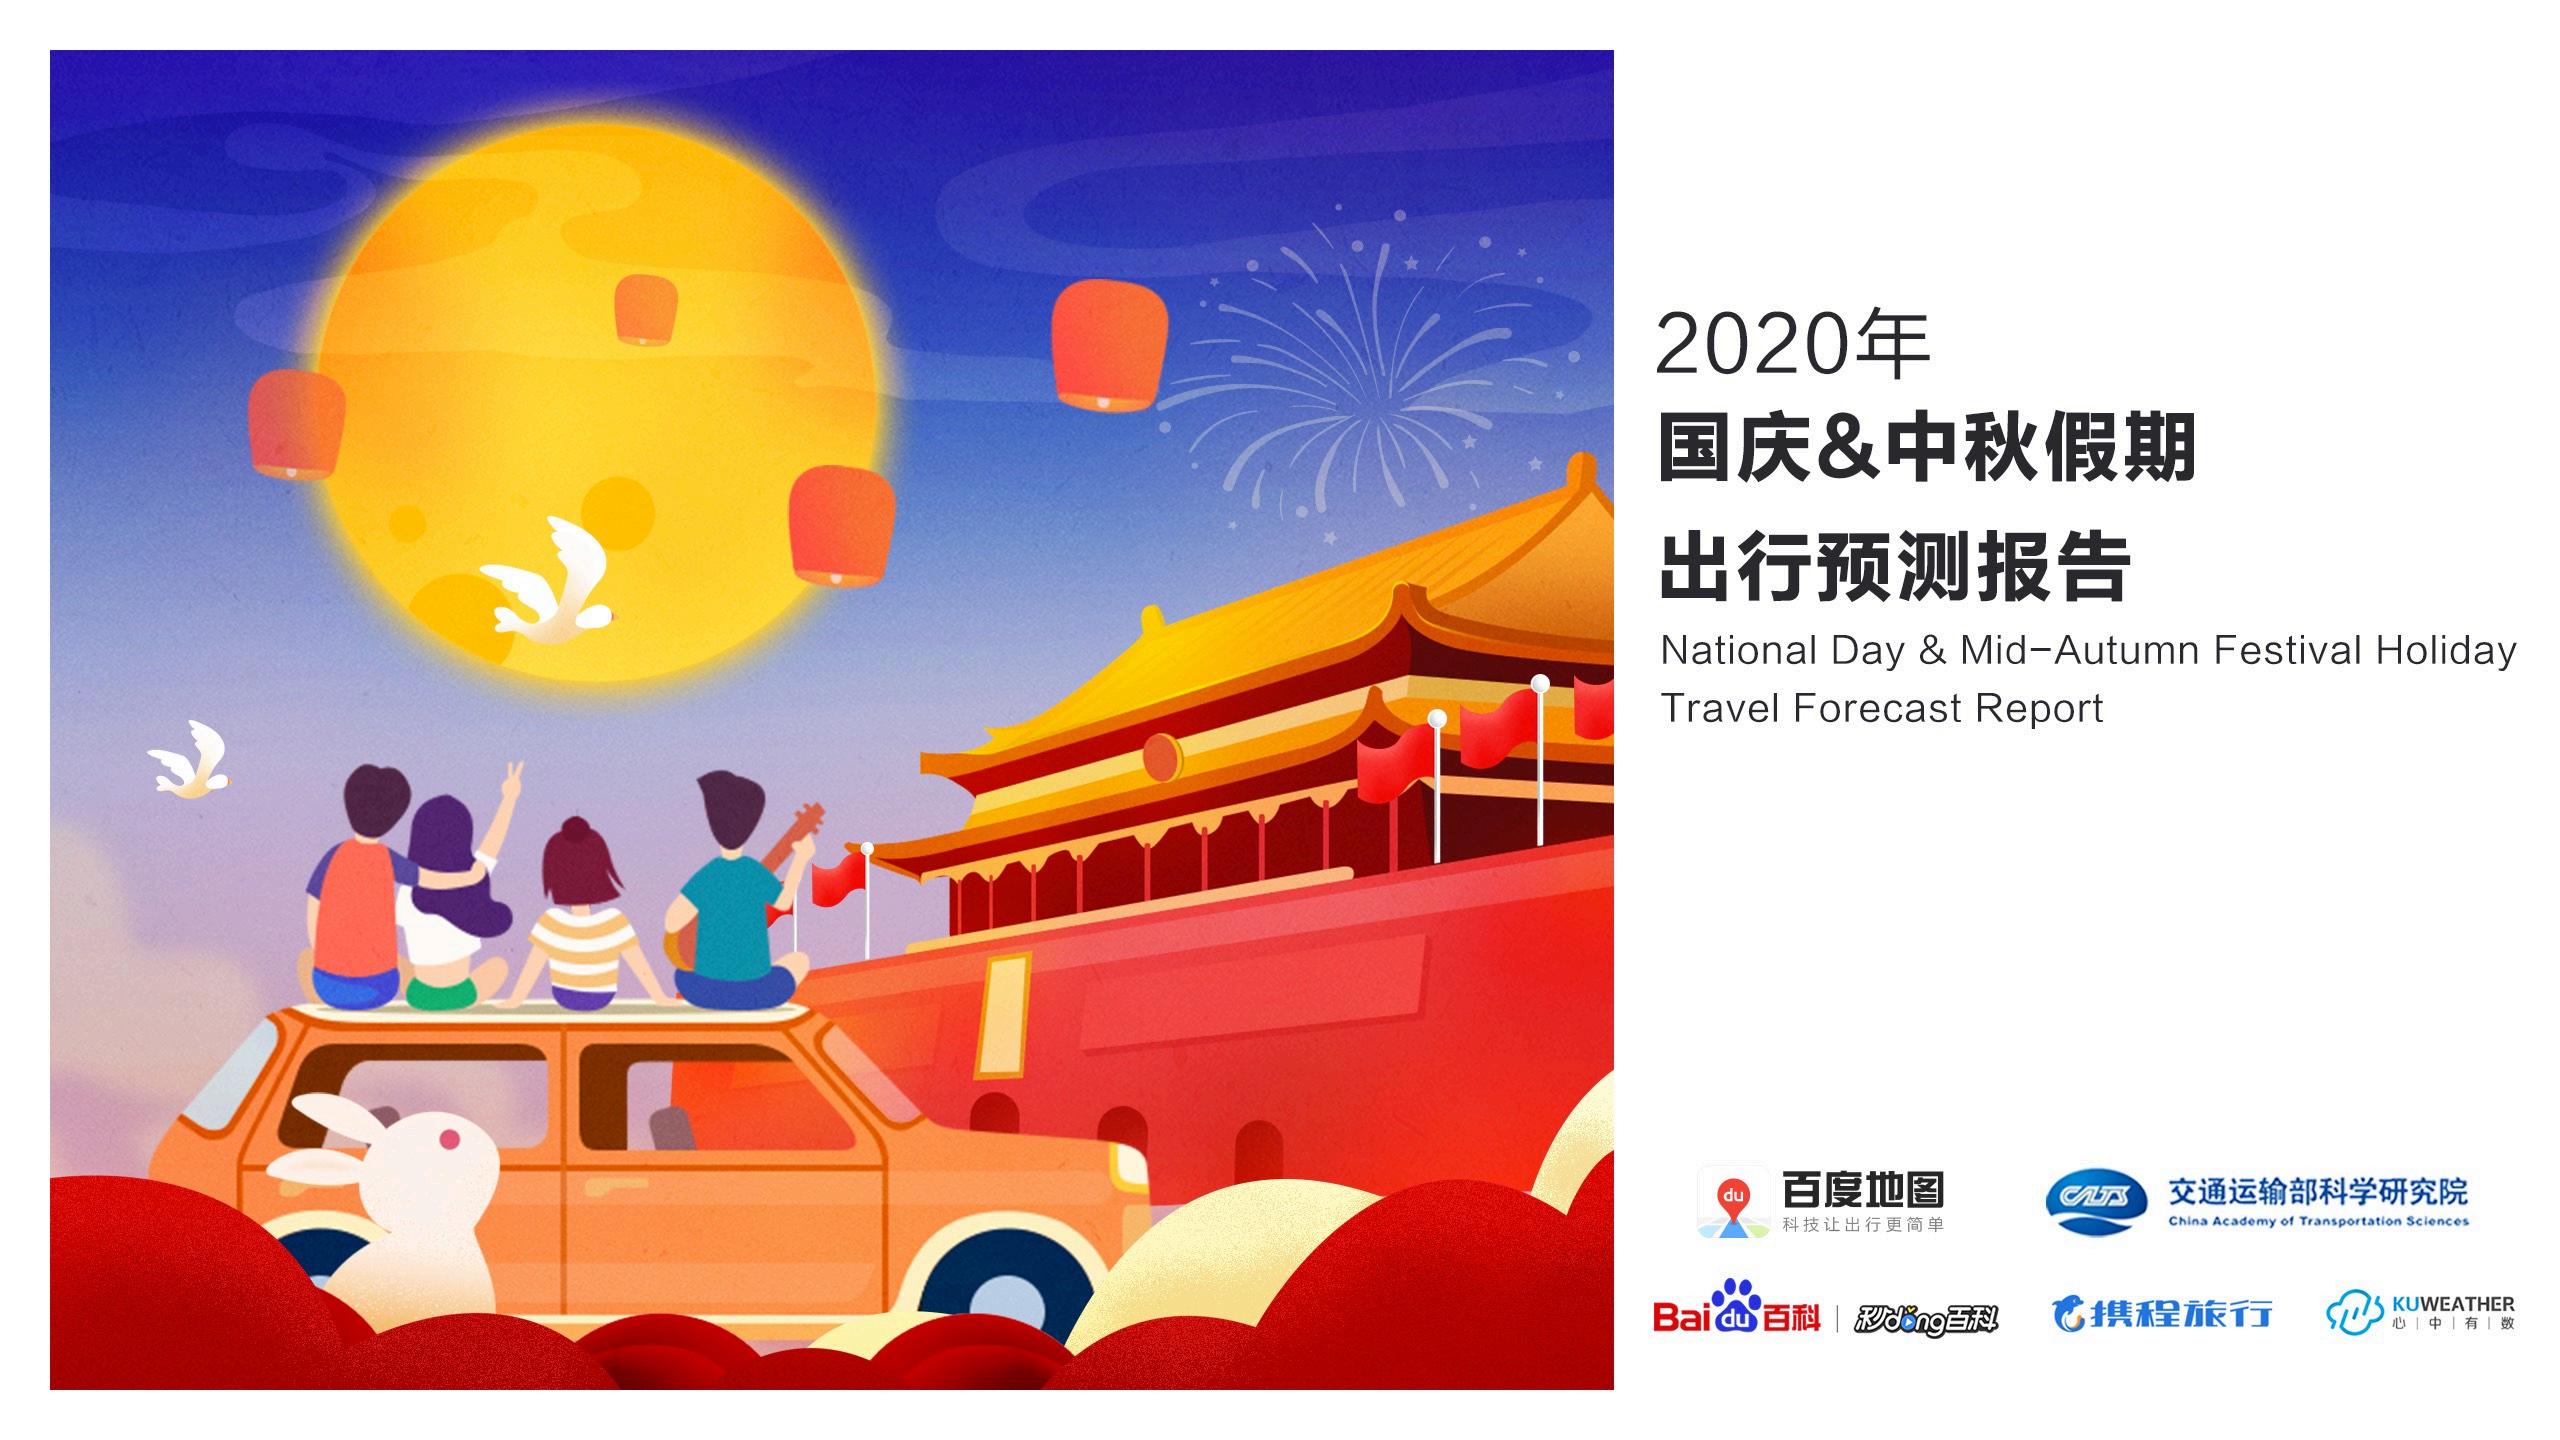 百度地图:2020年国庆&中秋假期出行预测报告(附下载)